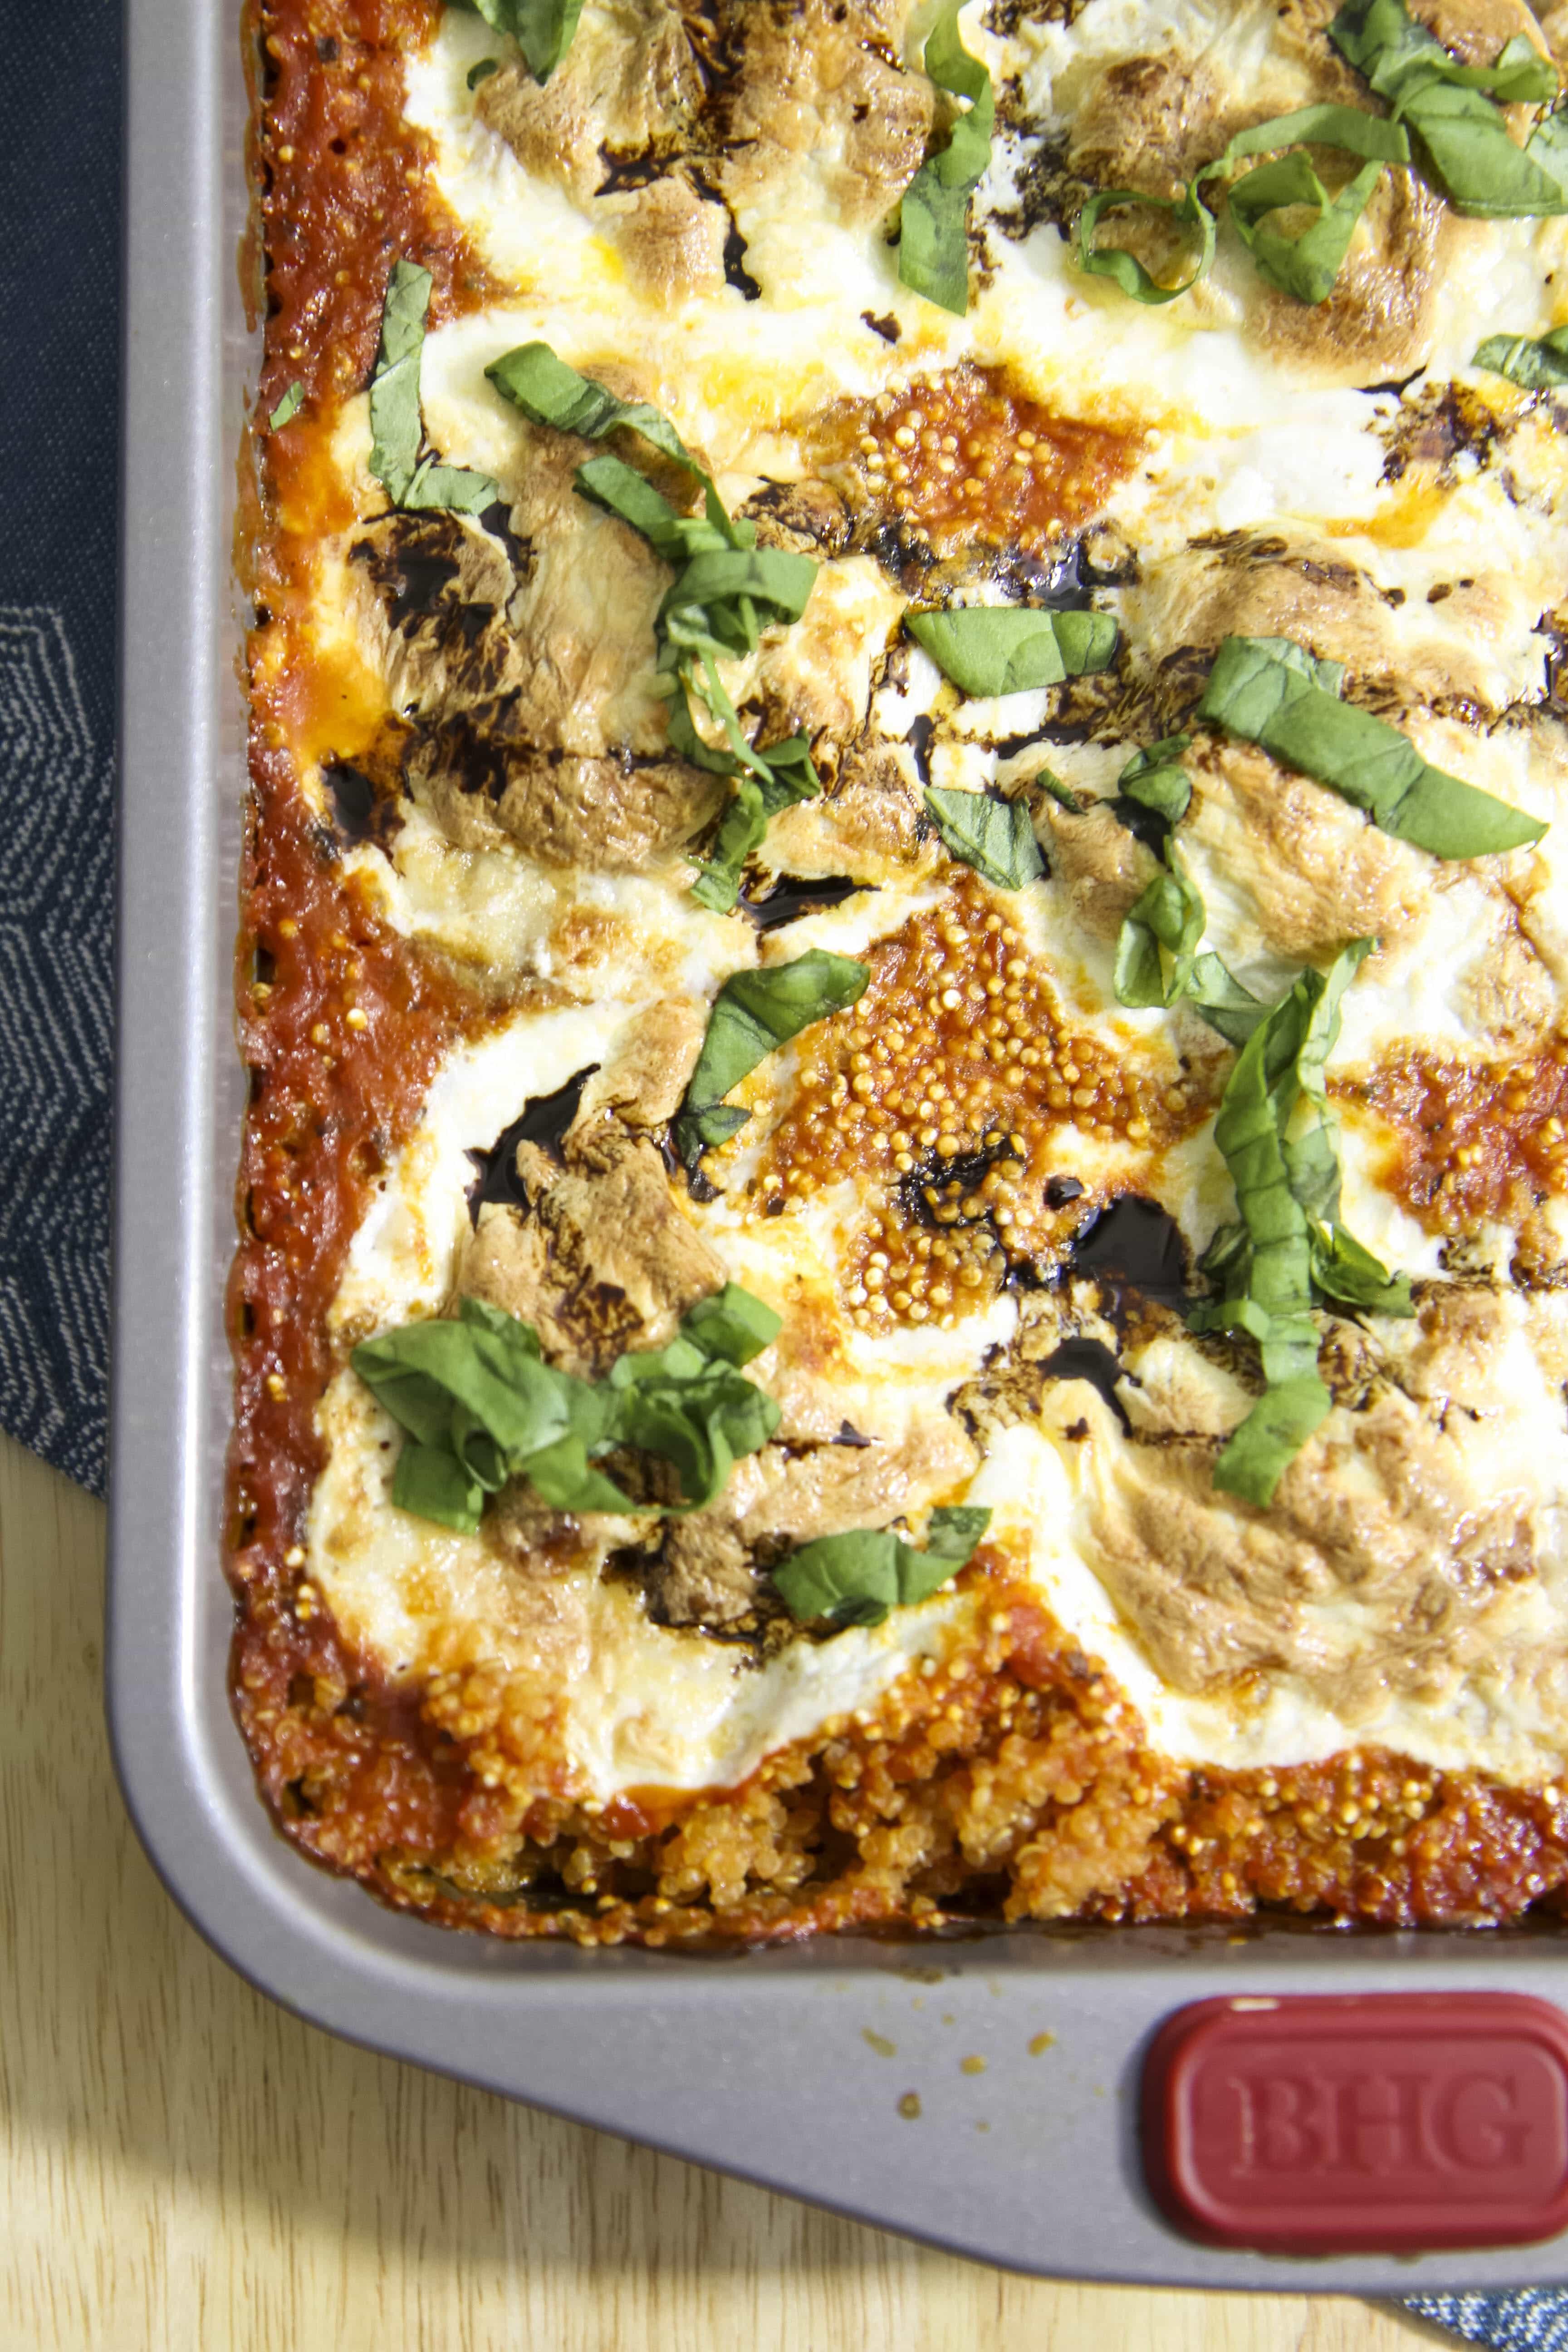 caprese-quinoa-and-meatball-casserole-recipe-3